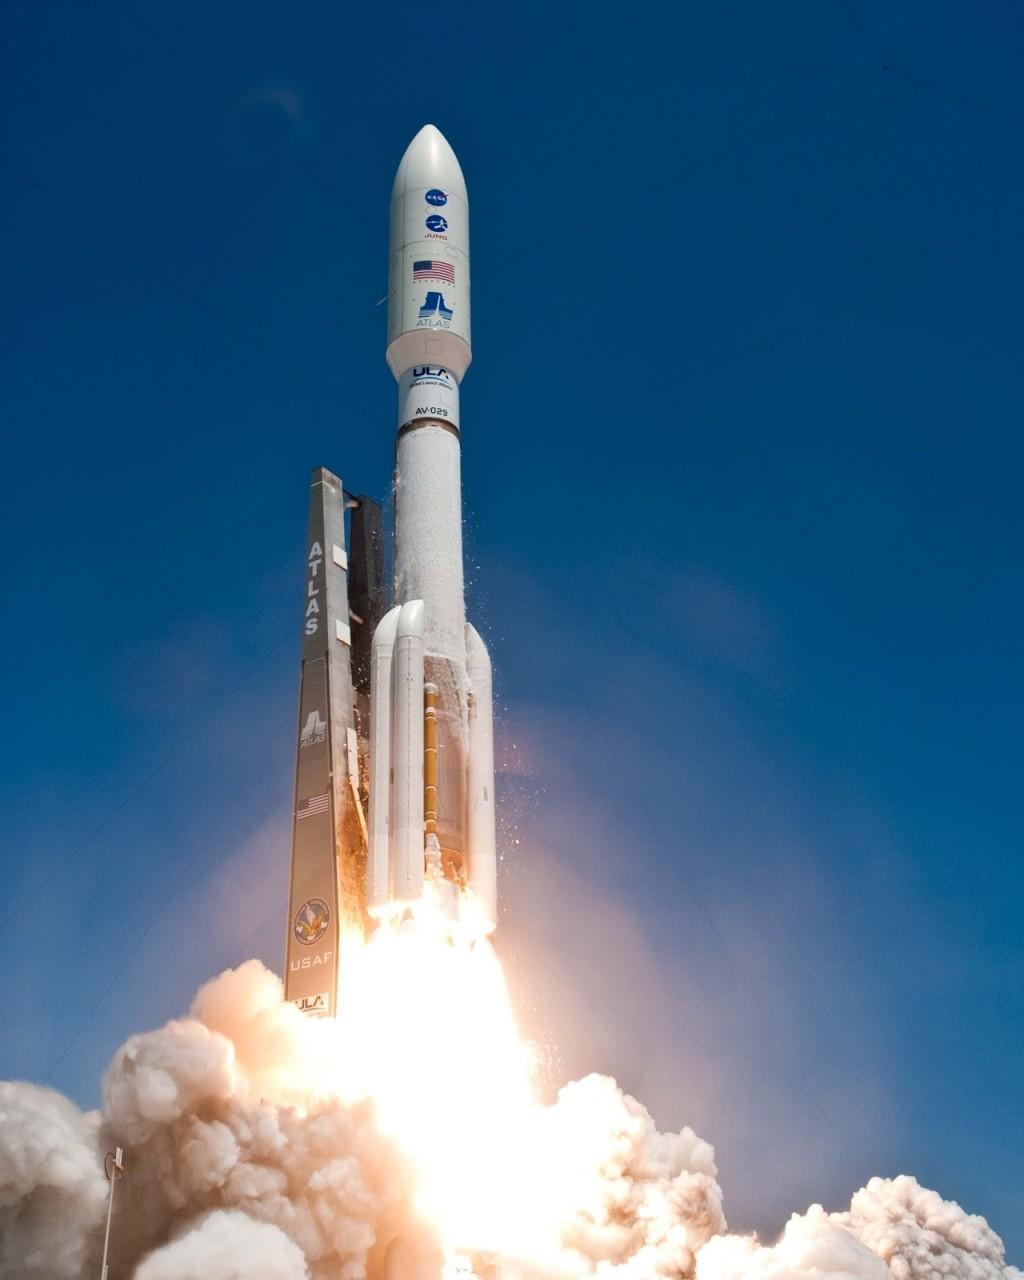 В США осуществлен запуск ракеты-носителя Atlas V с военным спутником